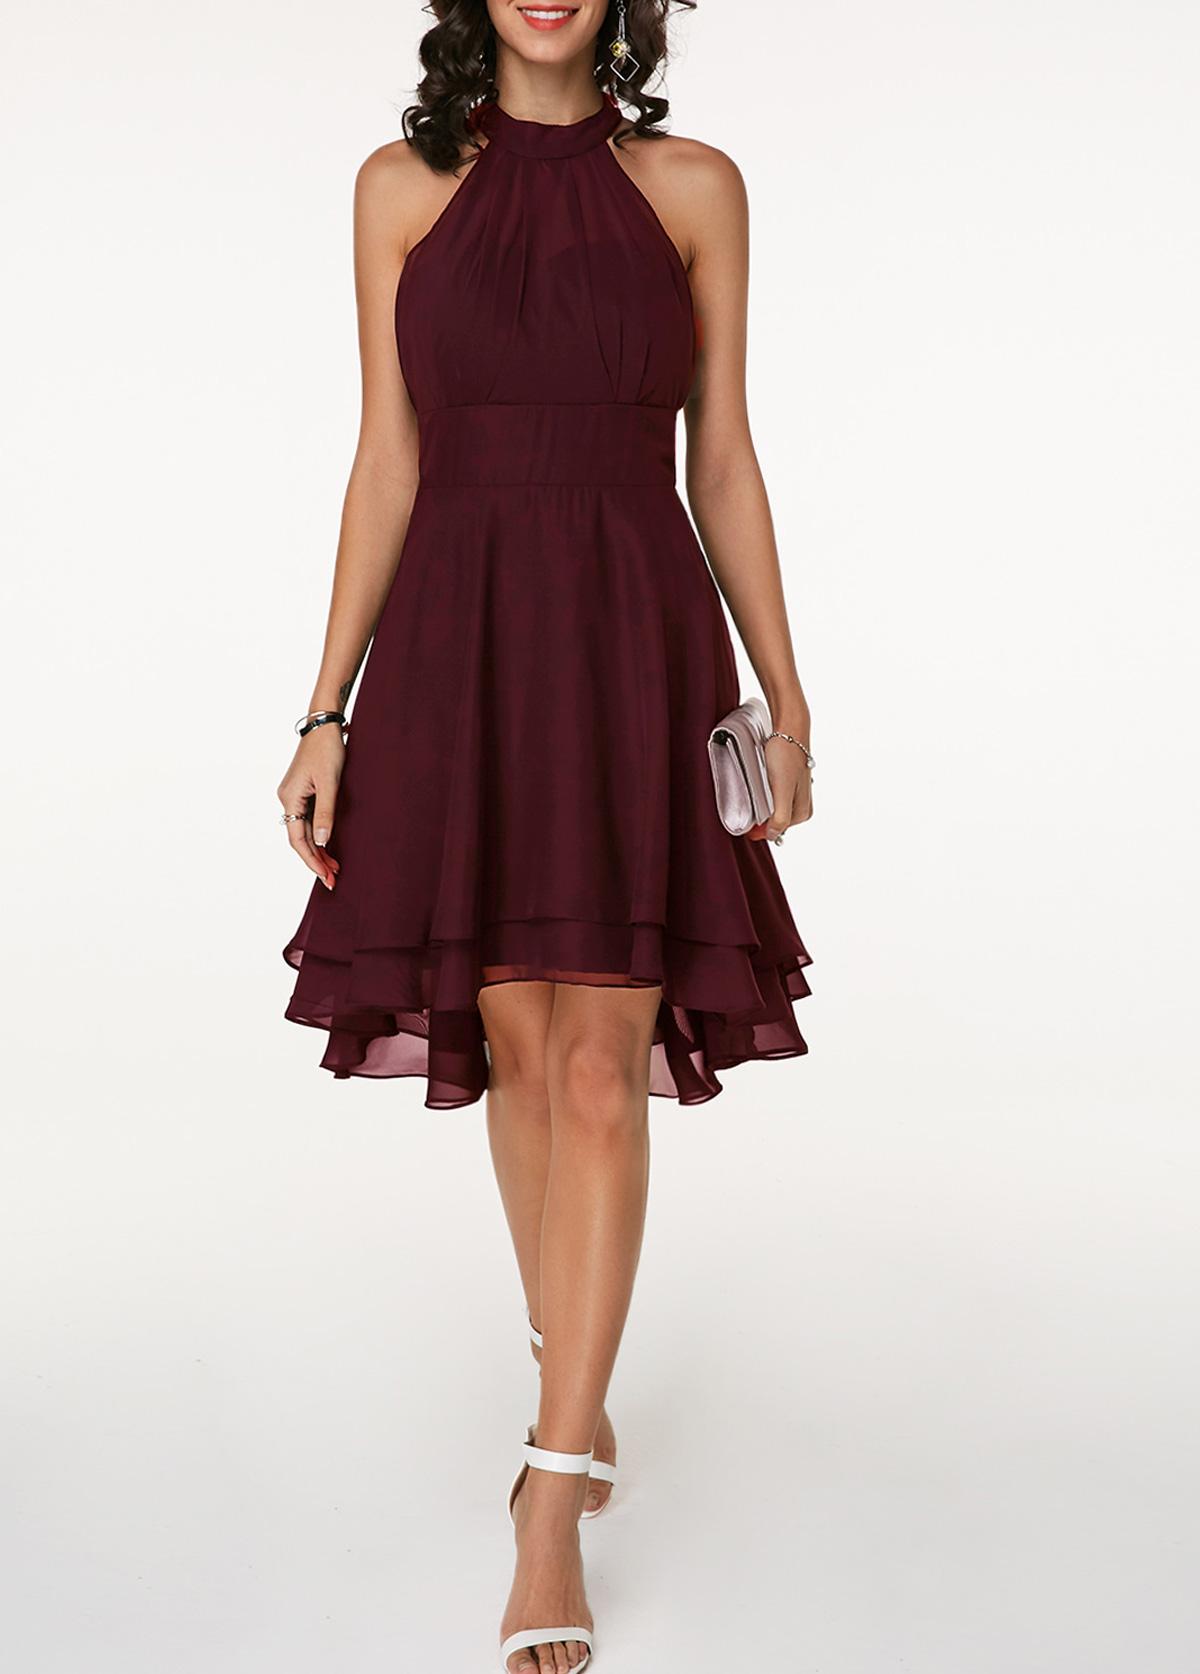 Asymmetric Hem Sleeveless High Waist Chiffon Dress